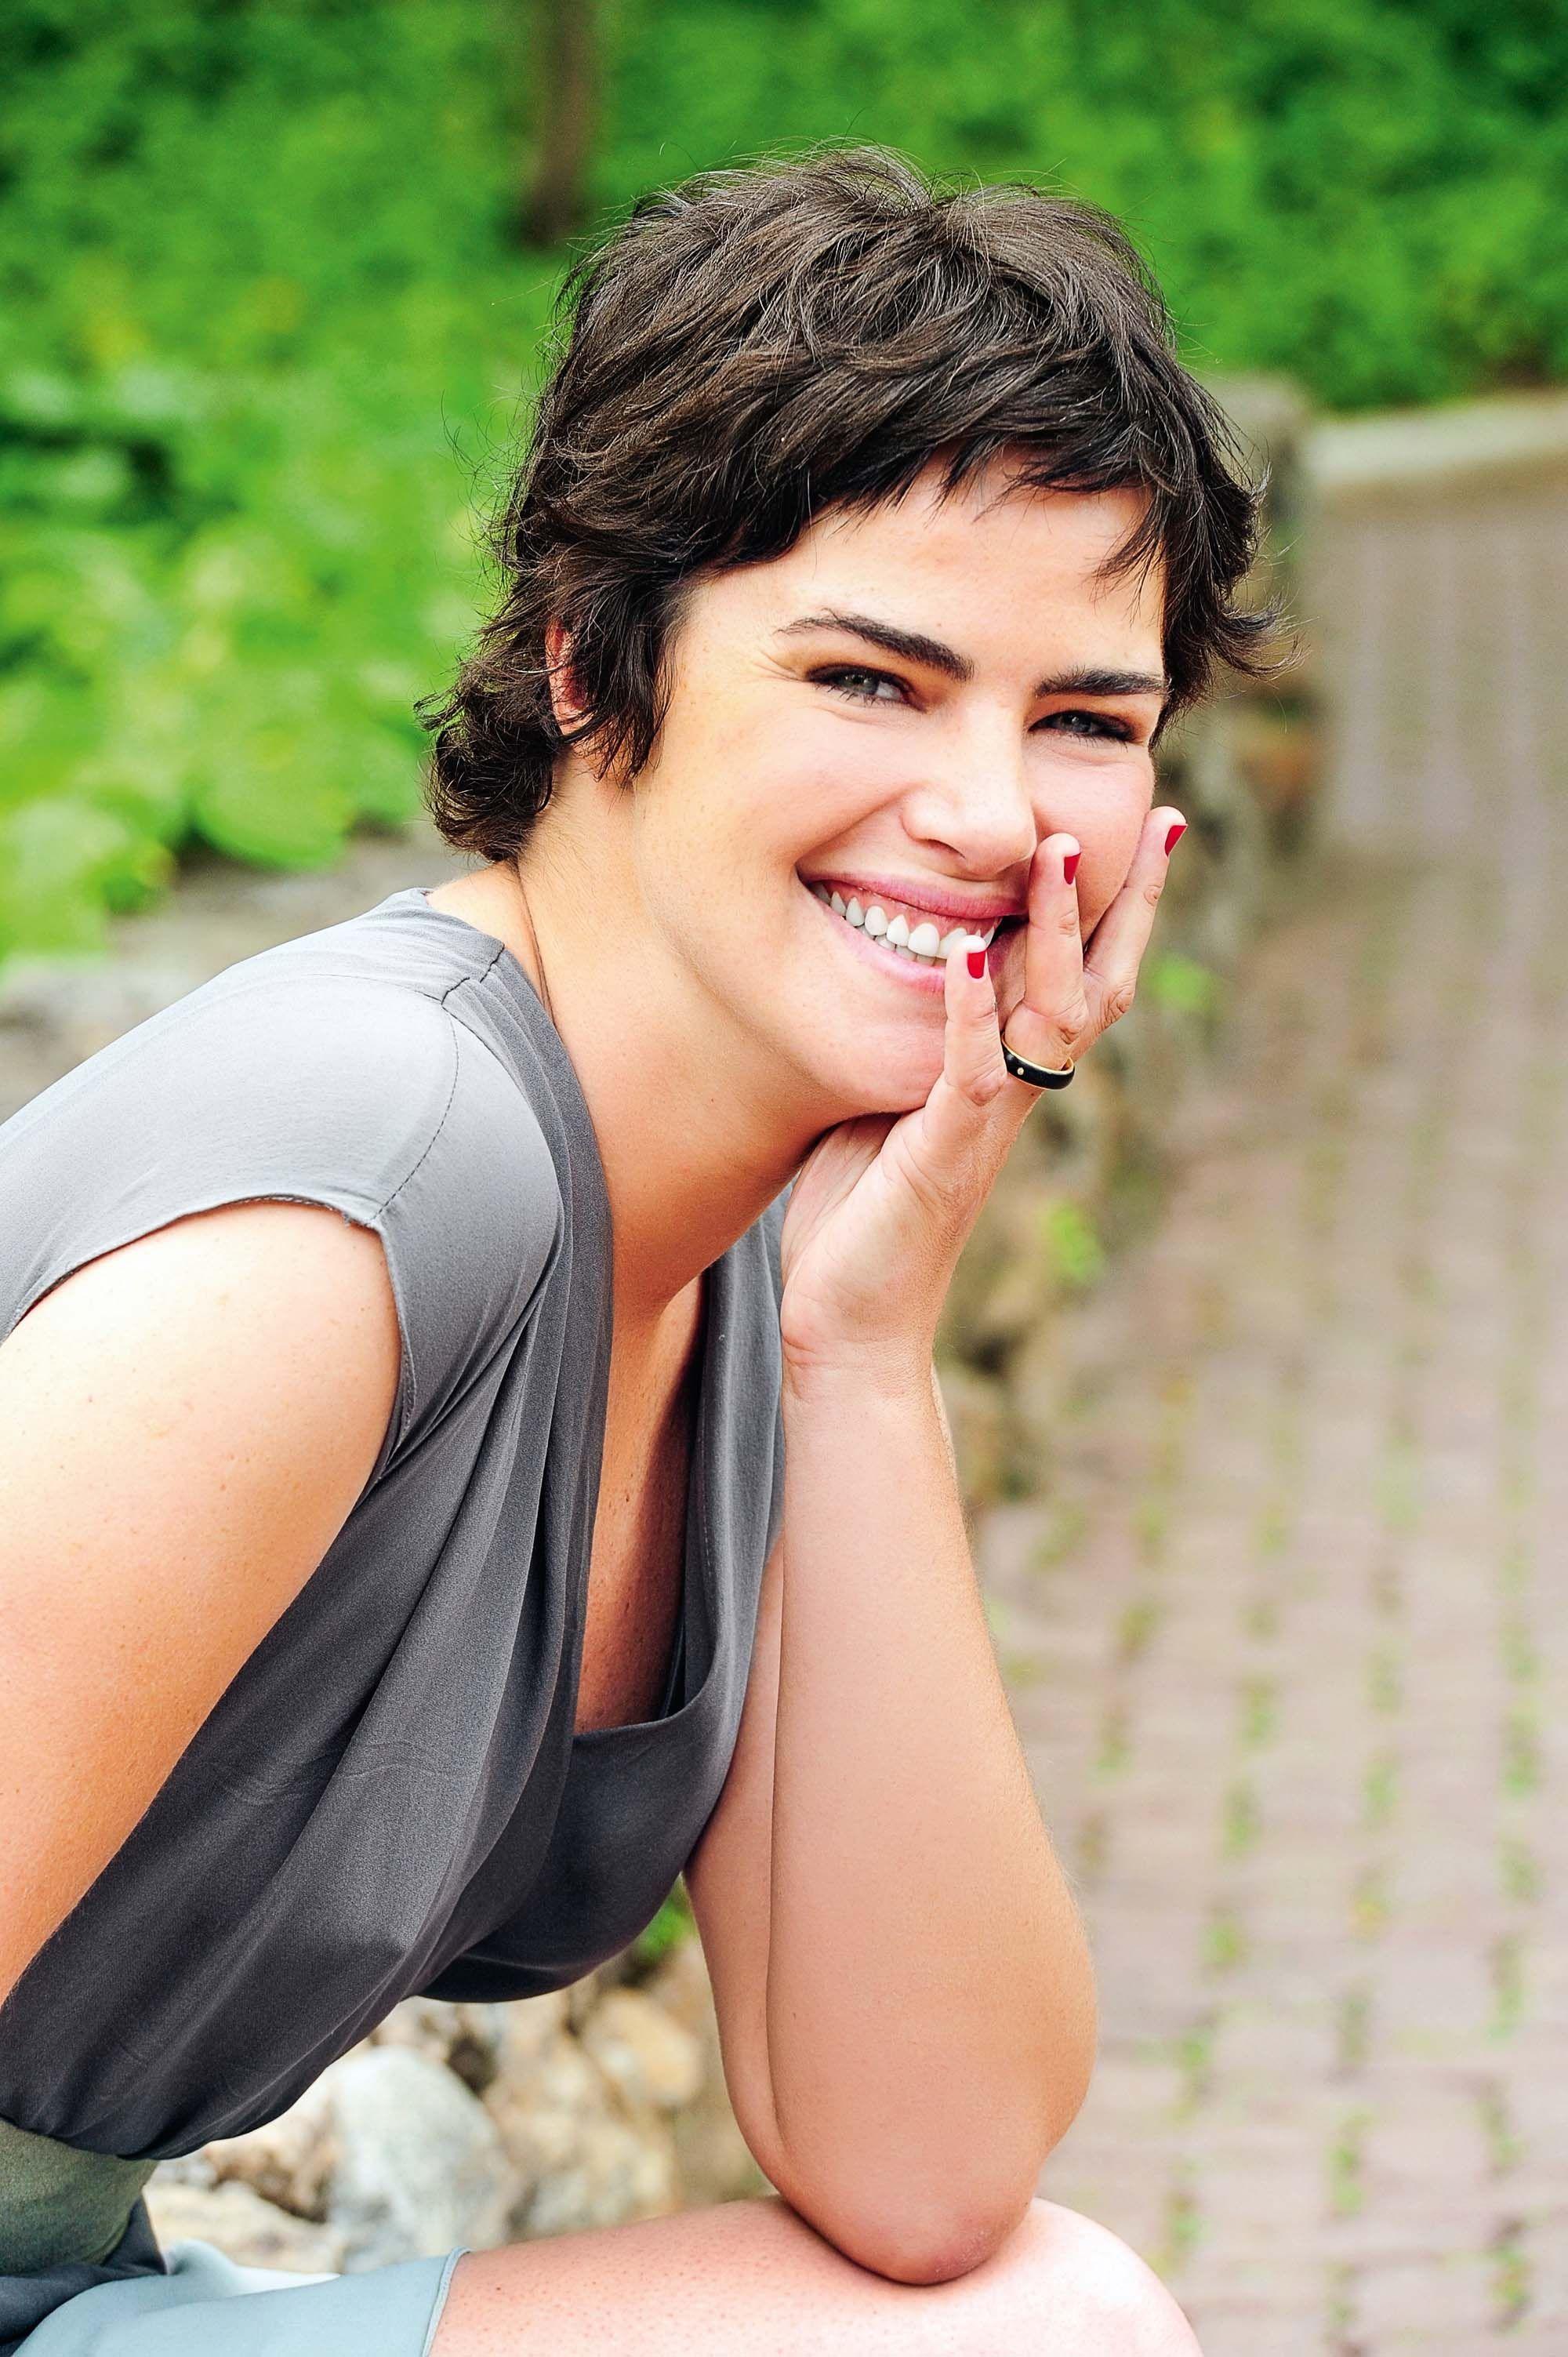 Pin de Pietra Bravo em *** Ana Paula Arosio *** em 2020